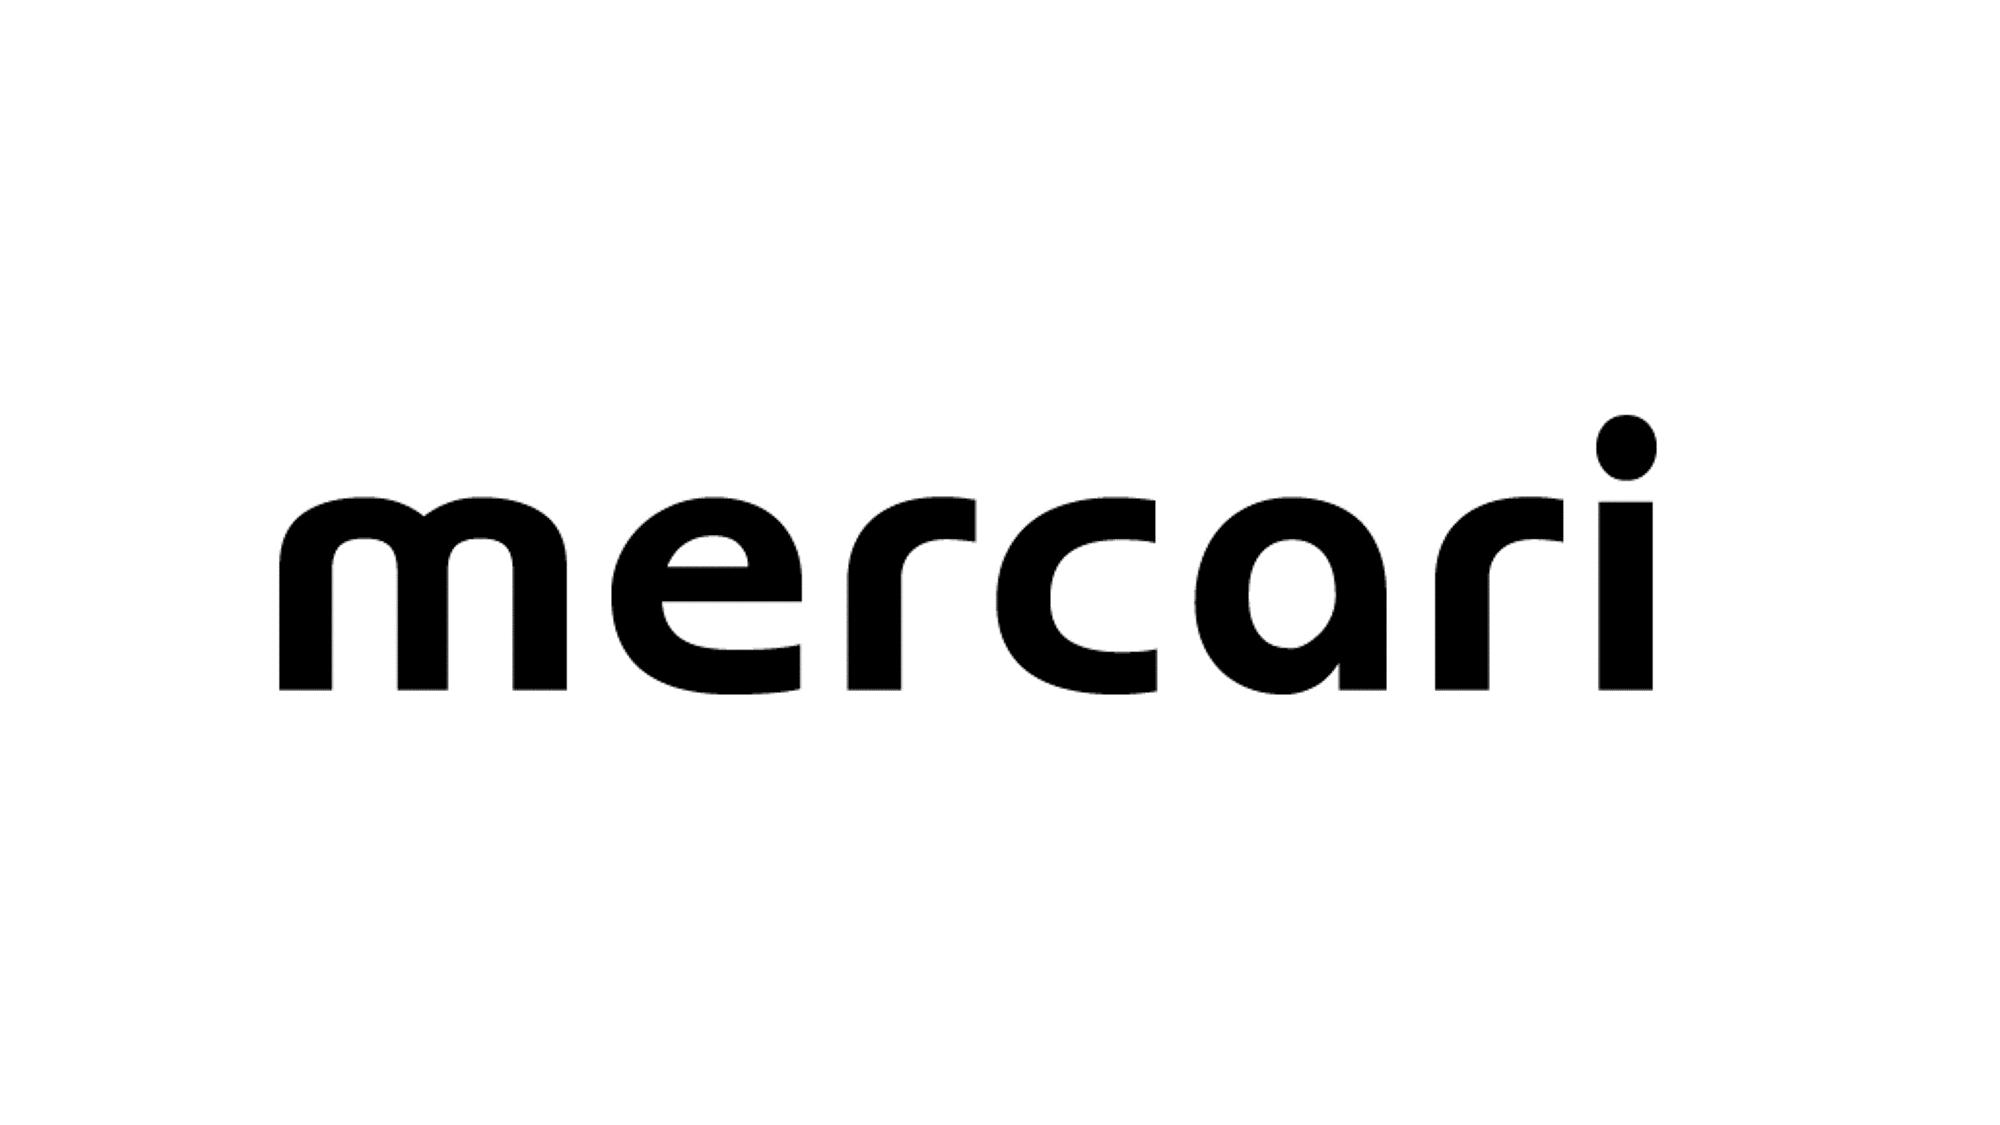 mercari.png